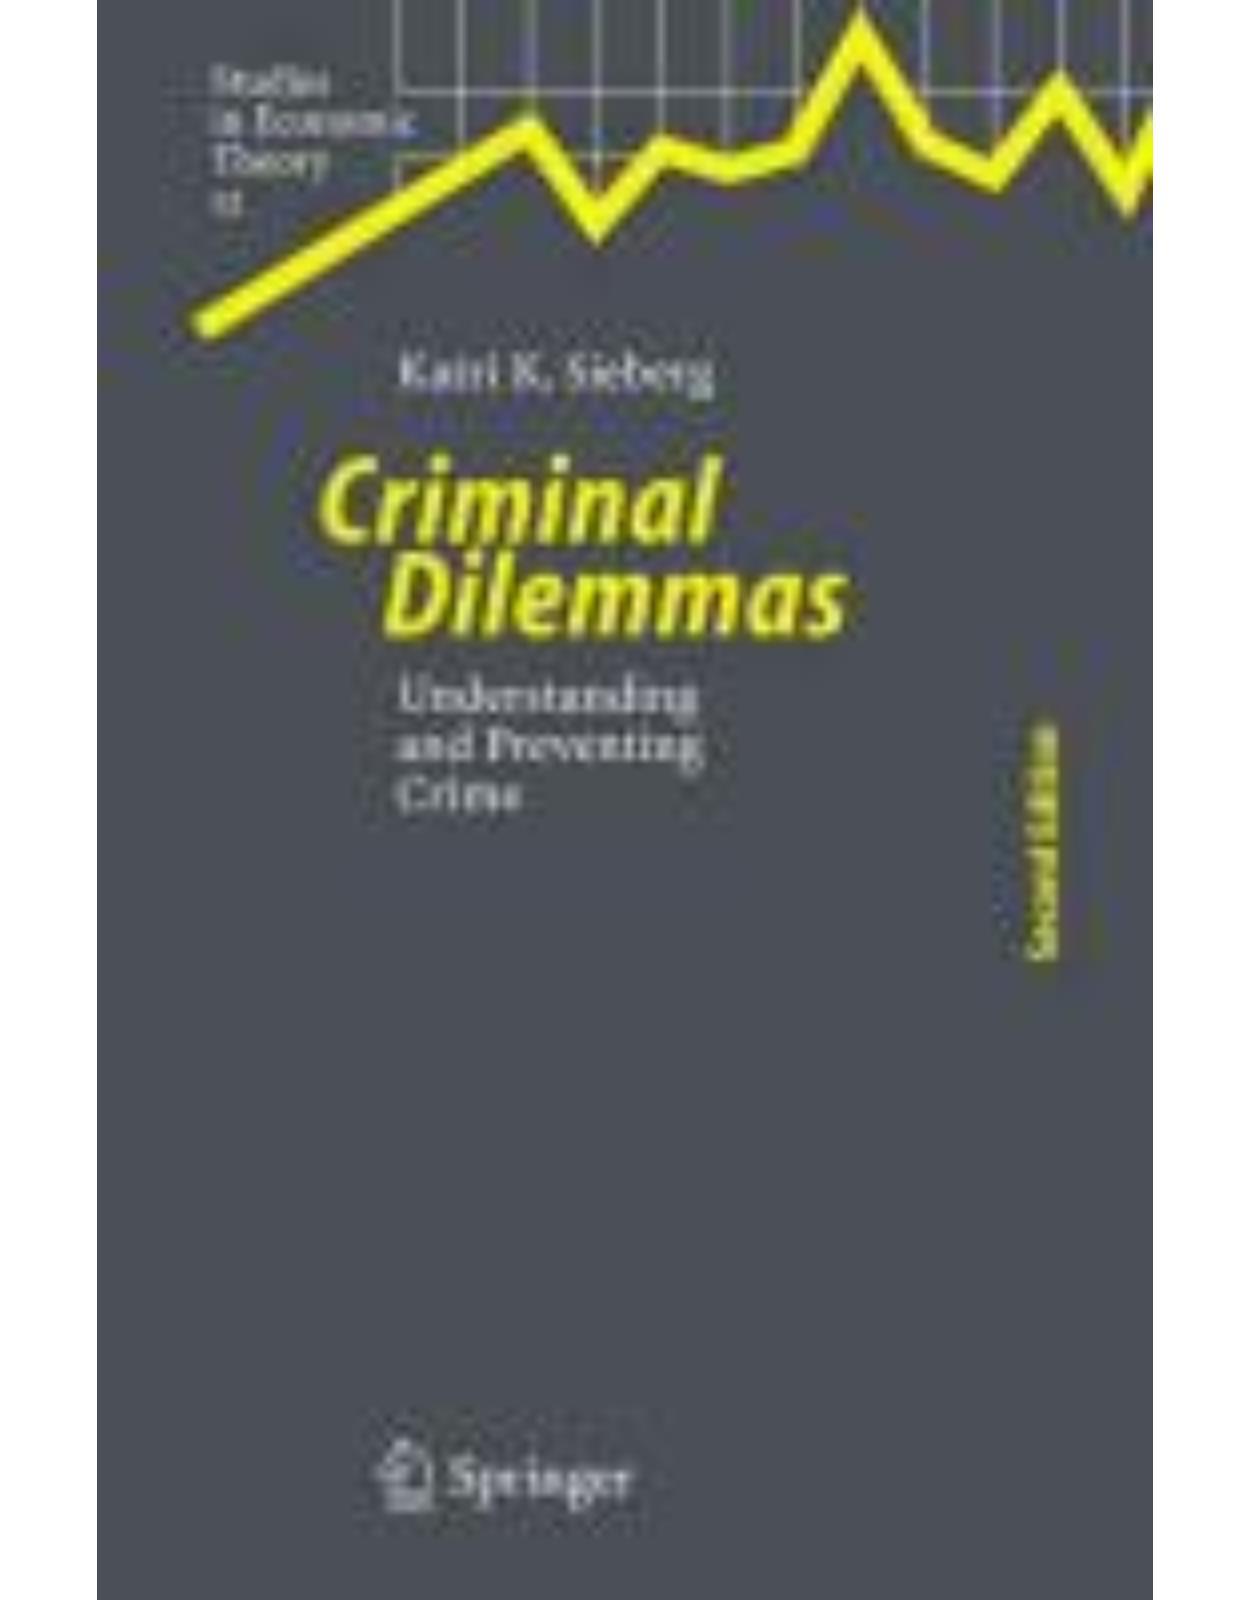 Criminal Dillemas